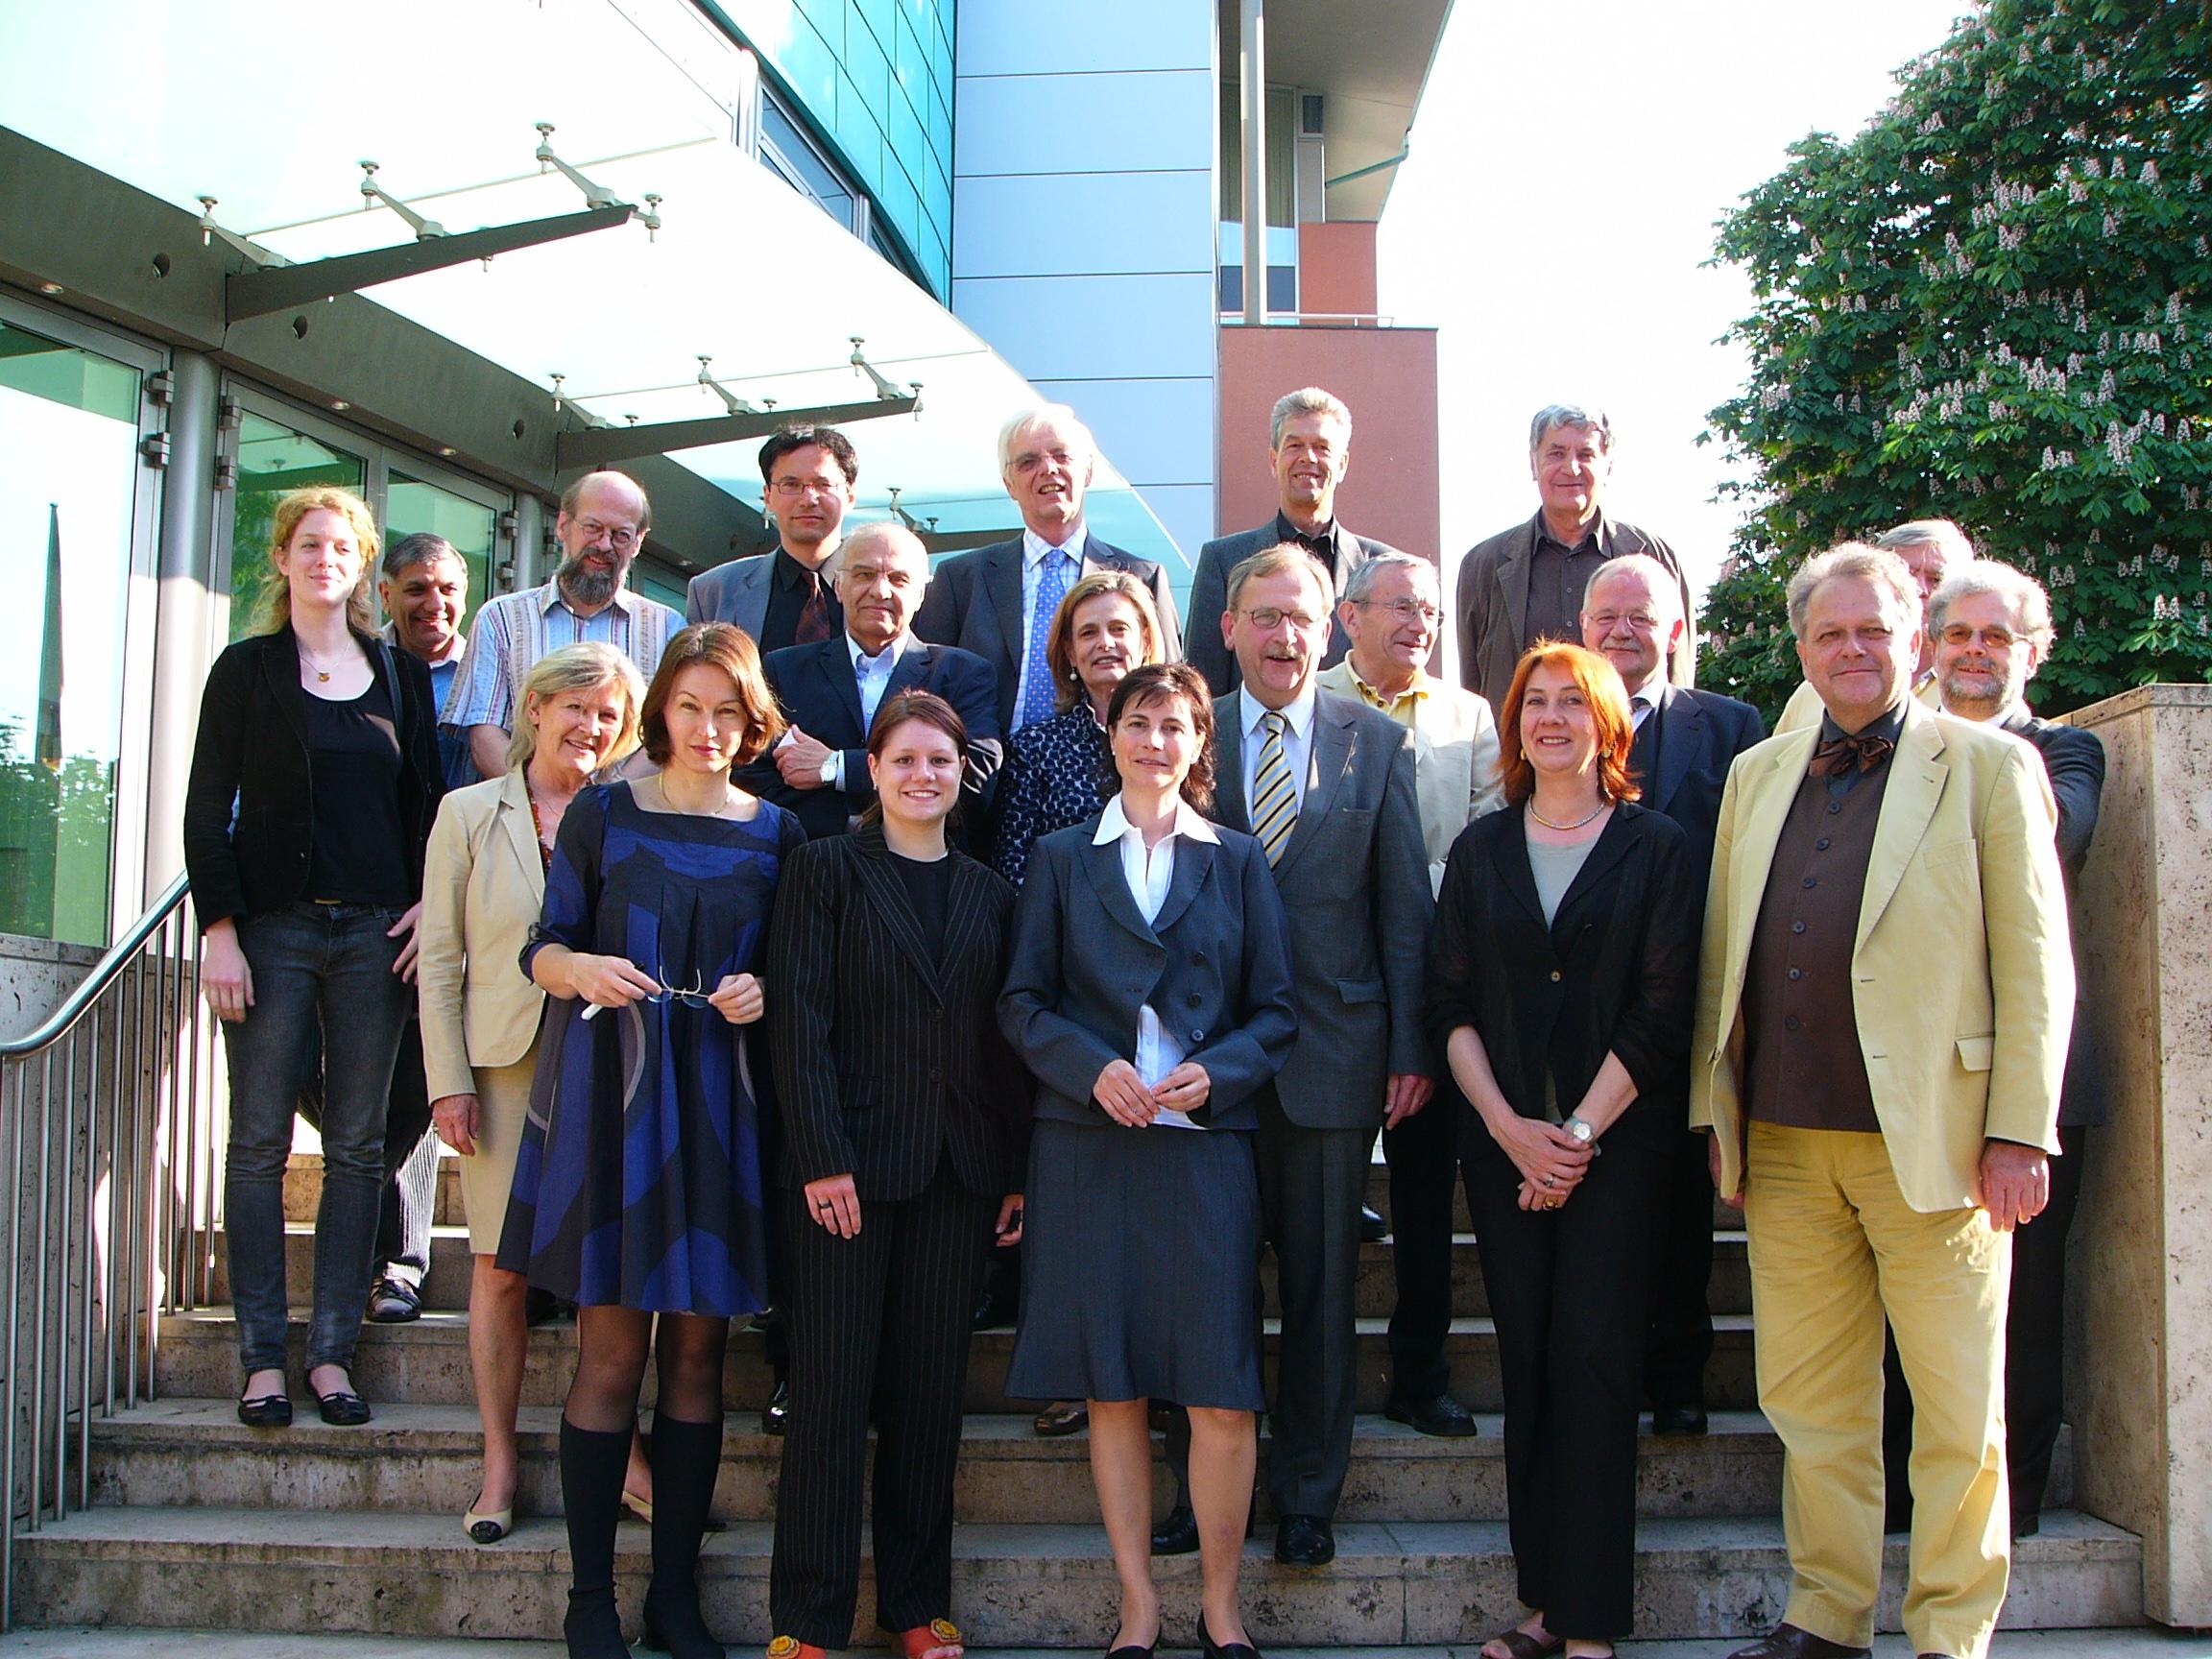 2008 Berlin M.H. J.K. mit der Leopold -Kohr Stiftung in der Österreichischen Botschaft in Berlin.JPG